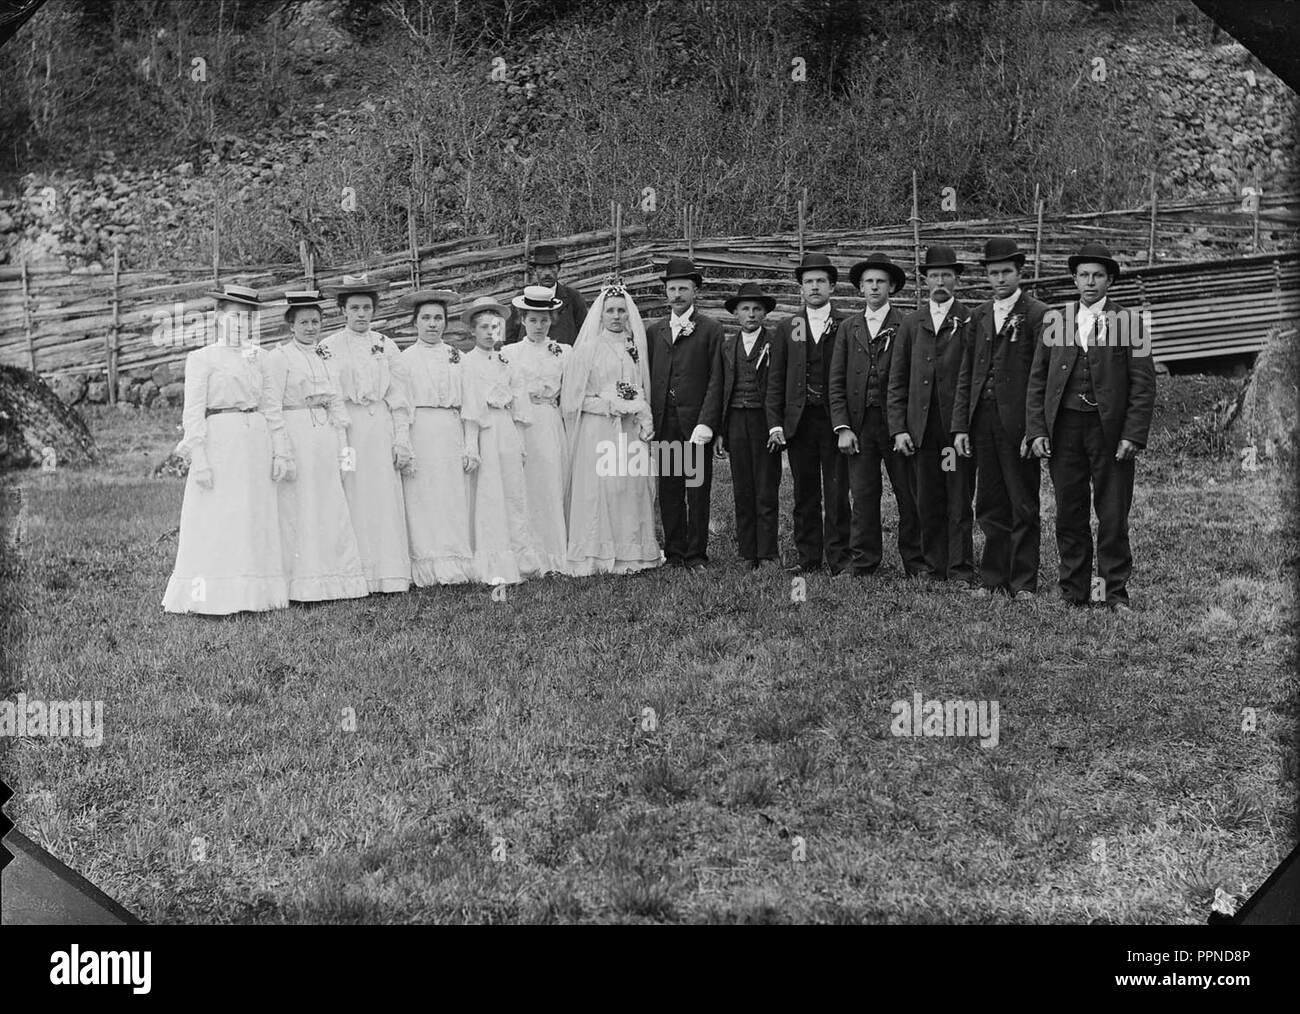 Bondas-Fredrik Larsson i Norränge gifter sig med lärarinnan Sara Ottosson, Dalarna 1905 - - Stock Image